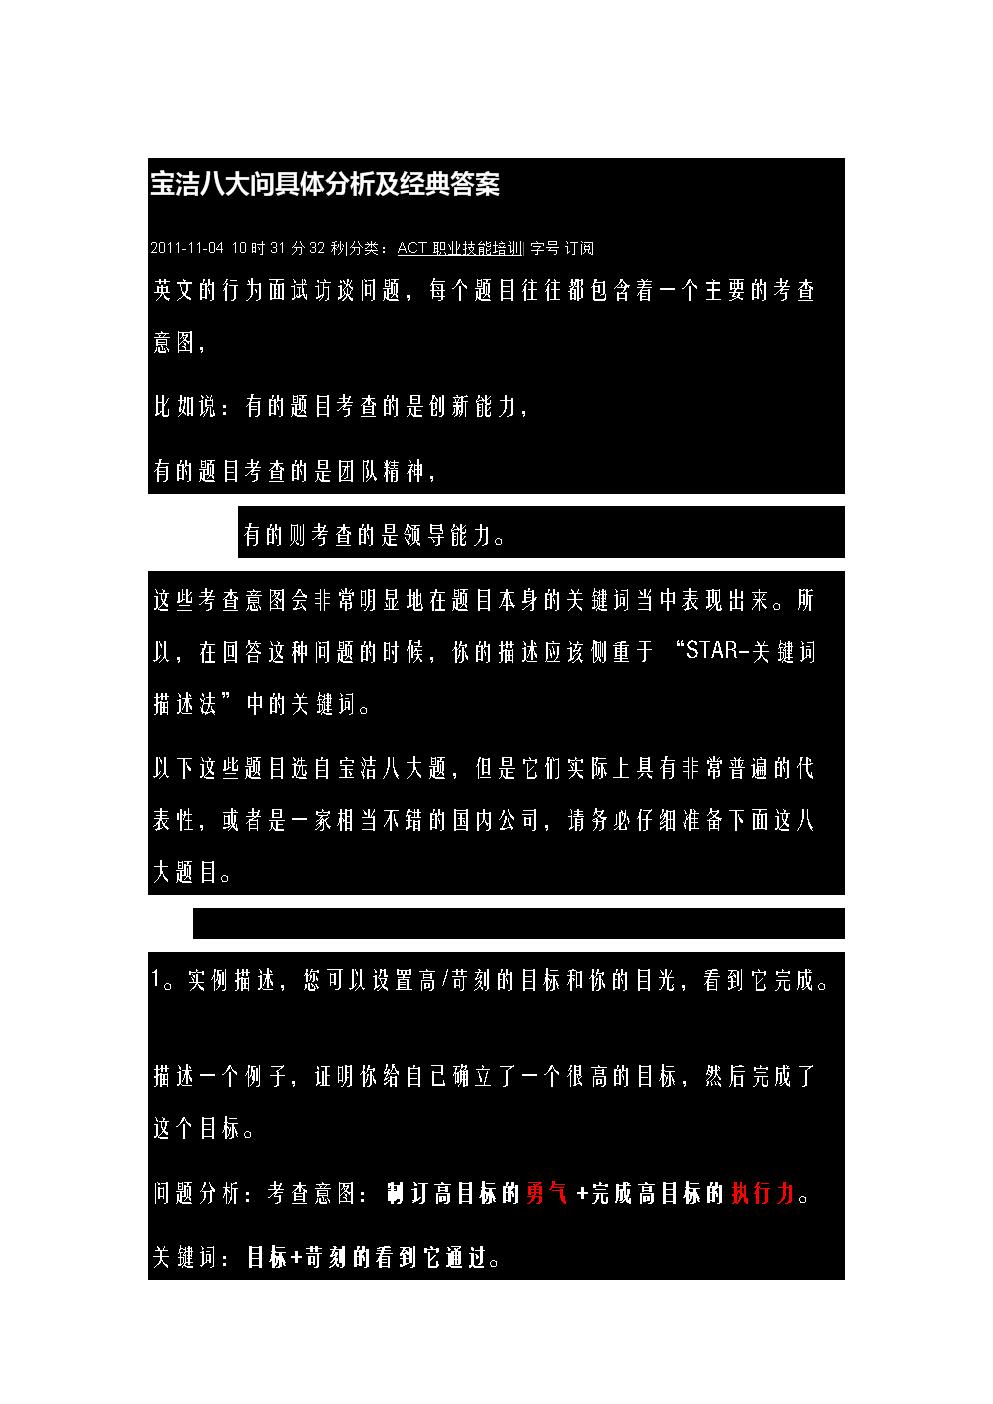 宝洁八大问具体分析及经典答案.docx